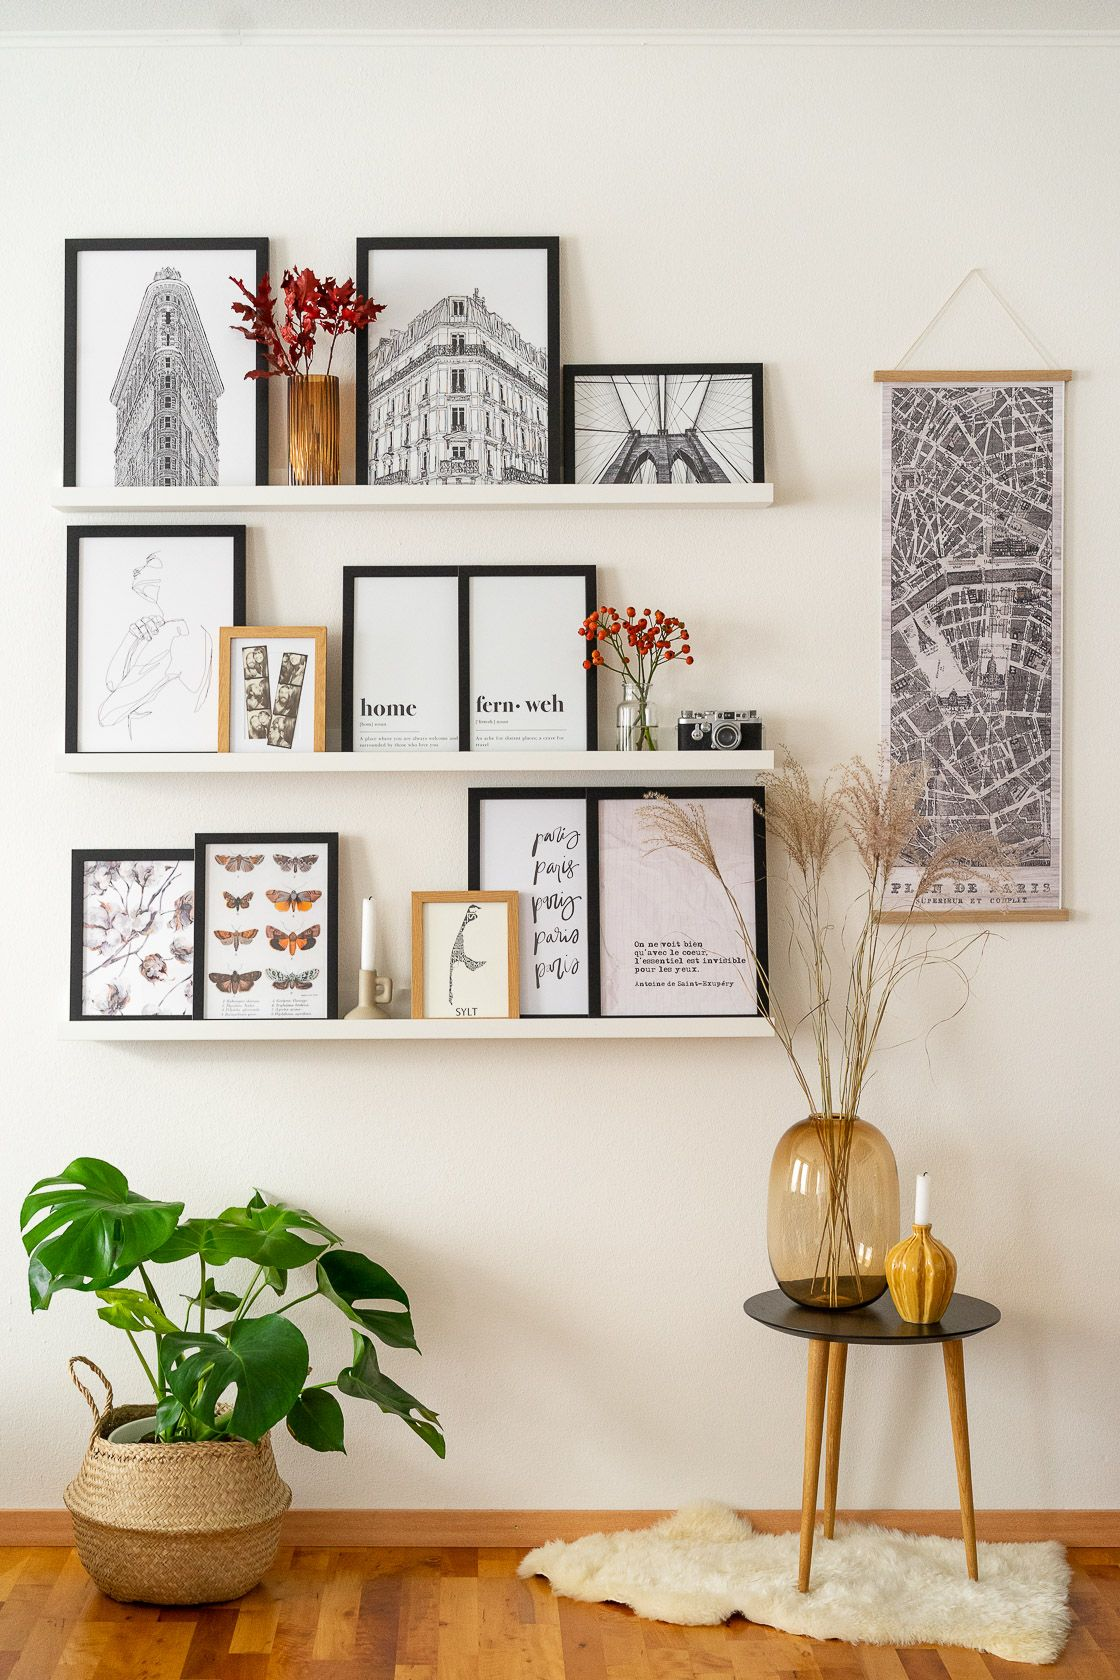 Photo of Fotowand gestalten – 5 Tipps & kreative Ideen